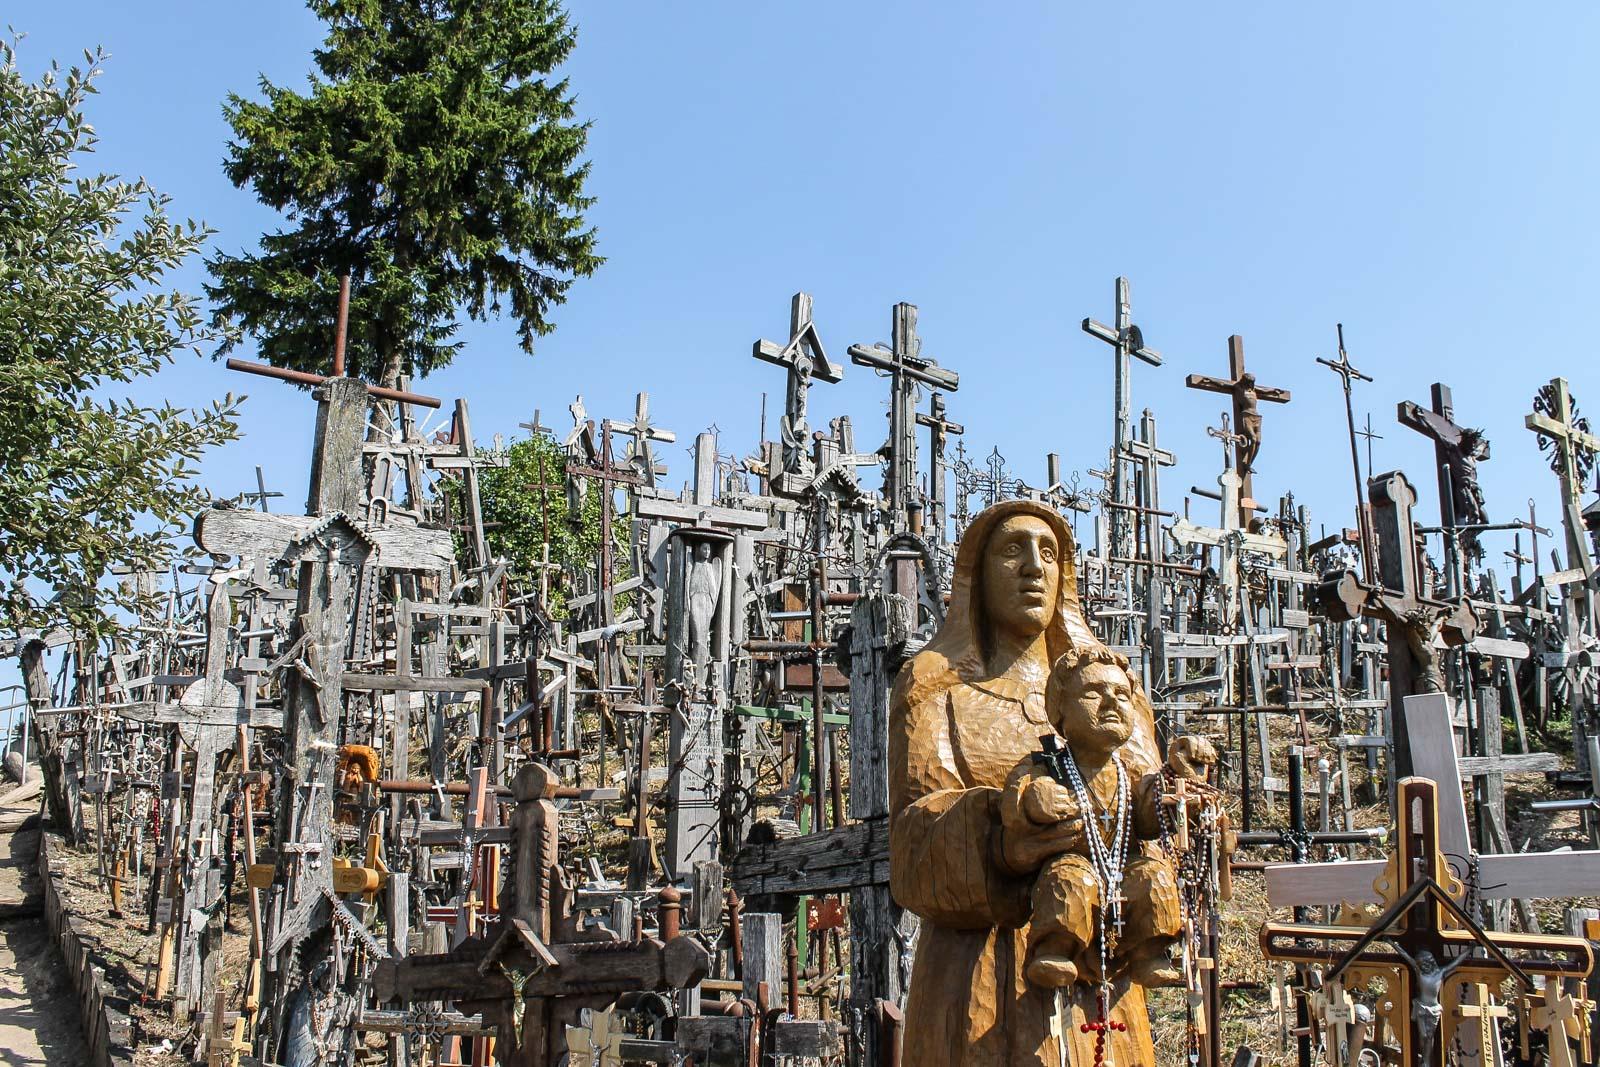 Der Berg der Kreuze in Litauen wurde aus Protest gegen die Religionspolitik der Sowjetunion errichtet und ist heute ein Wahrzeichen Litauens.